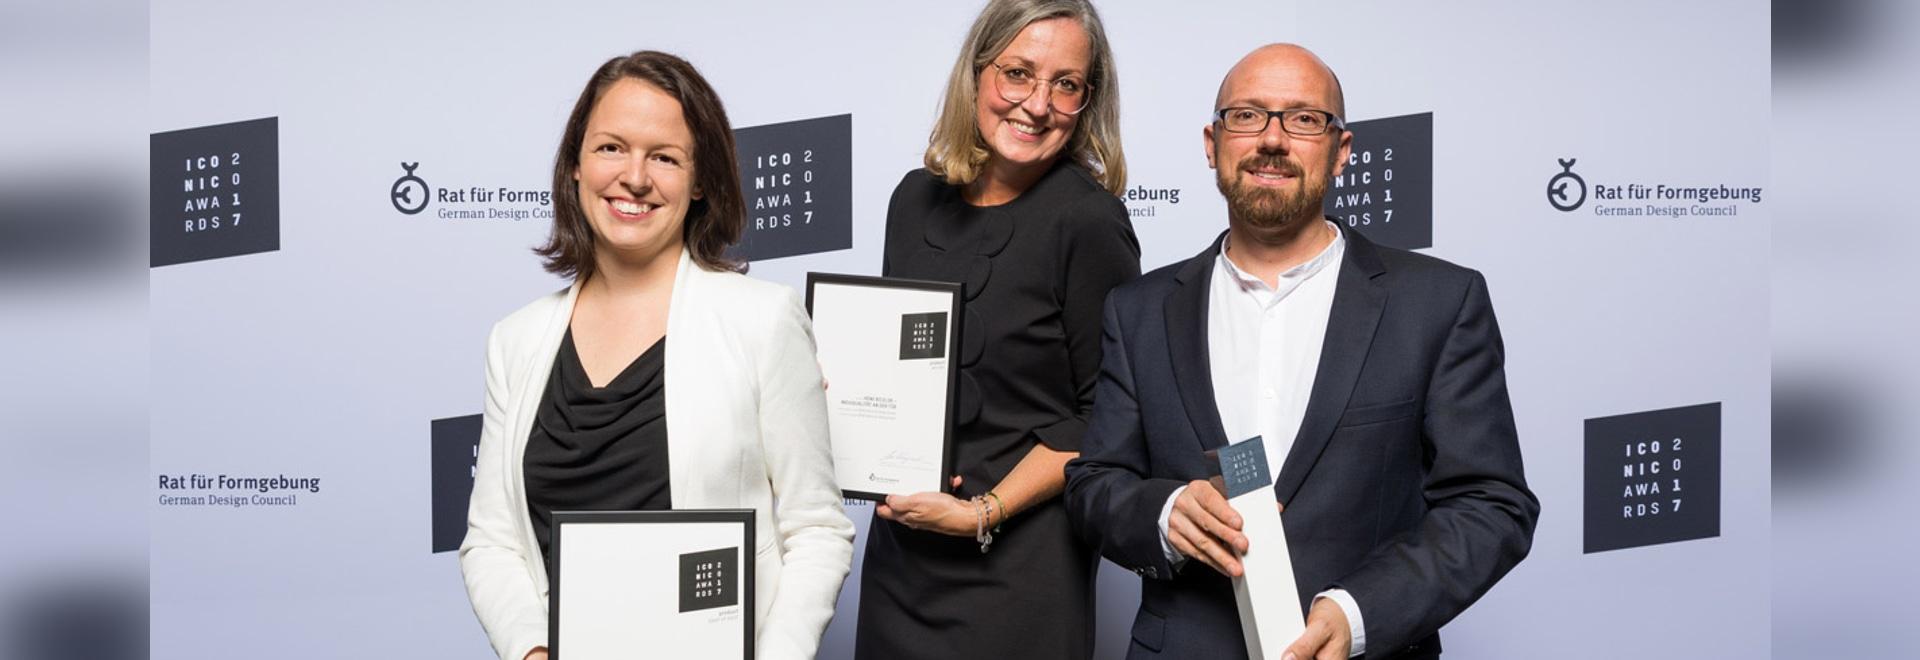 ICONIC AWARDS 2017